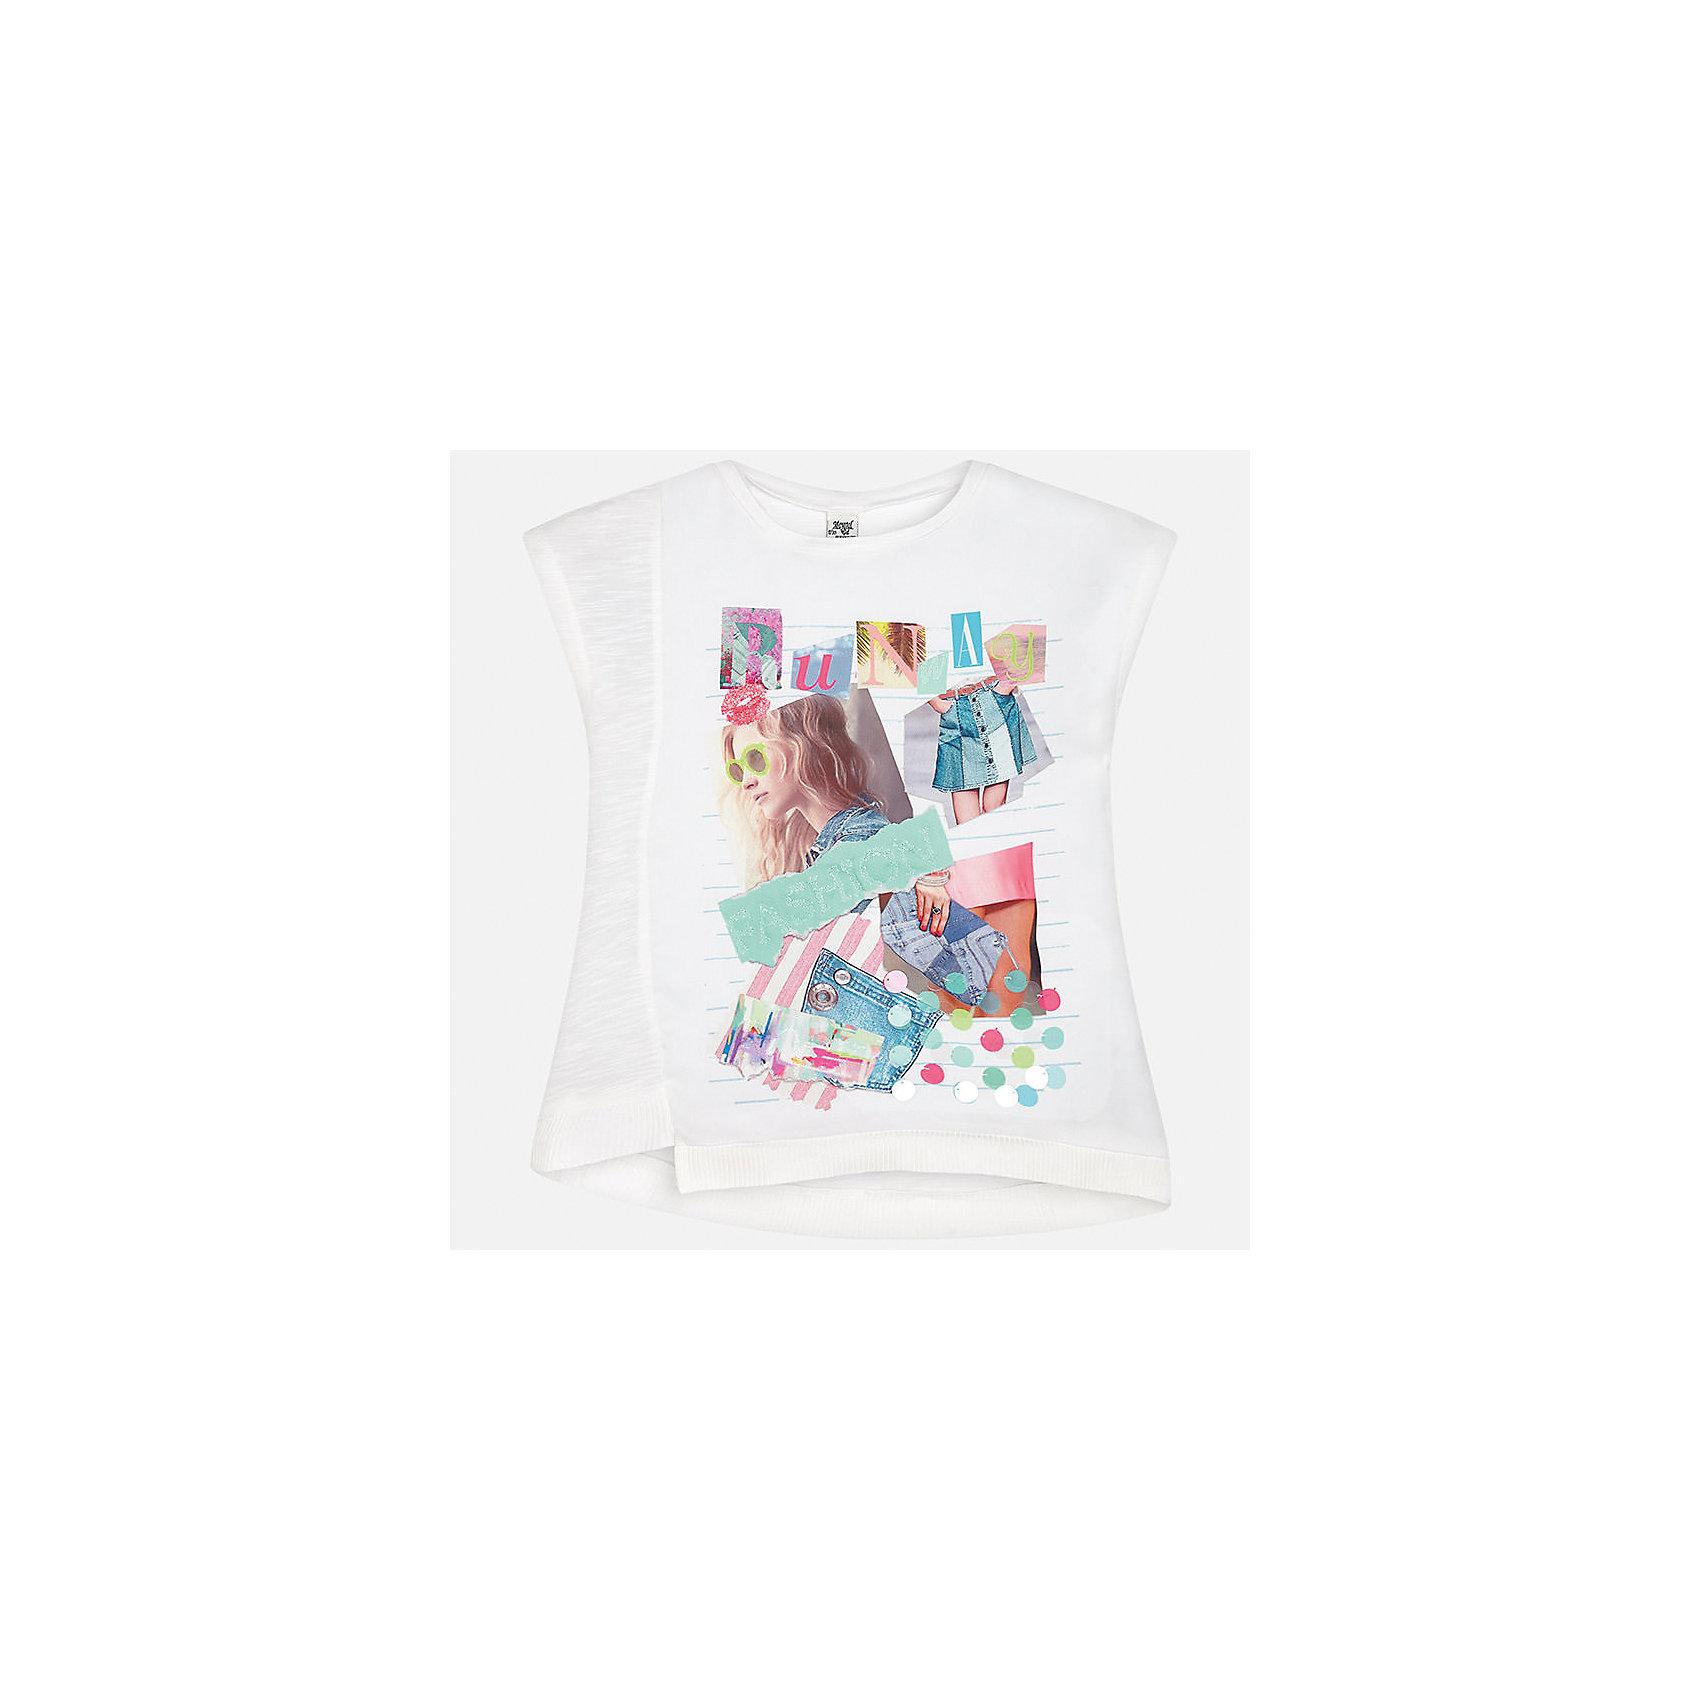 Футболка для девочки MayoralФутболки, поло и топы<br>Характеристики товара:<br><br>• цвет: белый<br>• состав: 100% хлопок<br>• декорирована принтом<br>• короткие рукава<br>• округлый горловой вырез<br>• страна бренда: Испания<br><br>Стильная качественная футболка для девочки поможет разнообразить гардероб ребенка и украсить наряд. Она отлично сочетается и с юбками, и с шортами, и с брюками. Универсальный цвет позволяет подобрать к вещи низ практически любой расцветки. Интересная отделка модели делает её нарядной и оригинальной. В составе ткани - только натуральный хлопок, гипоаллергенный, приятный на ощупь, дышащий.<br><br>Одежда, обувь и аксессуары от испанского бренда Mayoral полюбились детям и взрослым по всему миру. Модели этой марки - стильные и удобные. Для их производства используются только безопасные, качественные материалы и фурнитура. Порадуйте ребенка модными и красивыми вещами от Mayoral! <br><br>Футболку для девочки от испанского бренда Mayoral (Майорал) можно купить в нашем интернет-магазине.<br><br>Ширина мм: 199<br>Глубина мм: 10<br>Высота мм: 161<br>Вес г: 151<br>Цвет: зеленый<br>Возраст от месяцев: 168<br>Возраст до месяцев: 180<br>Пол: Женский<br>Возраст: Детский<br>Размер: 128/134,140,152,158,164,170<br>SKU: 5292526